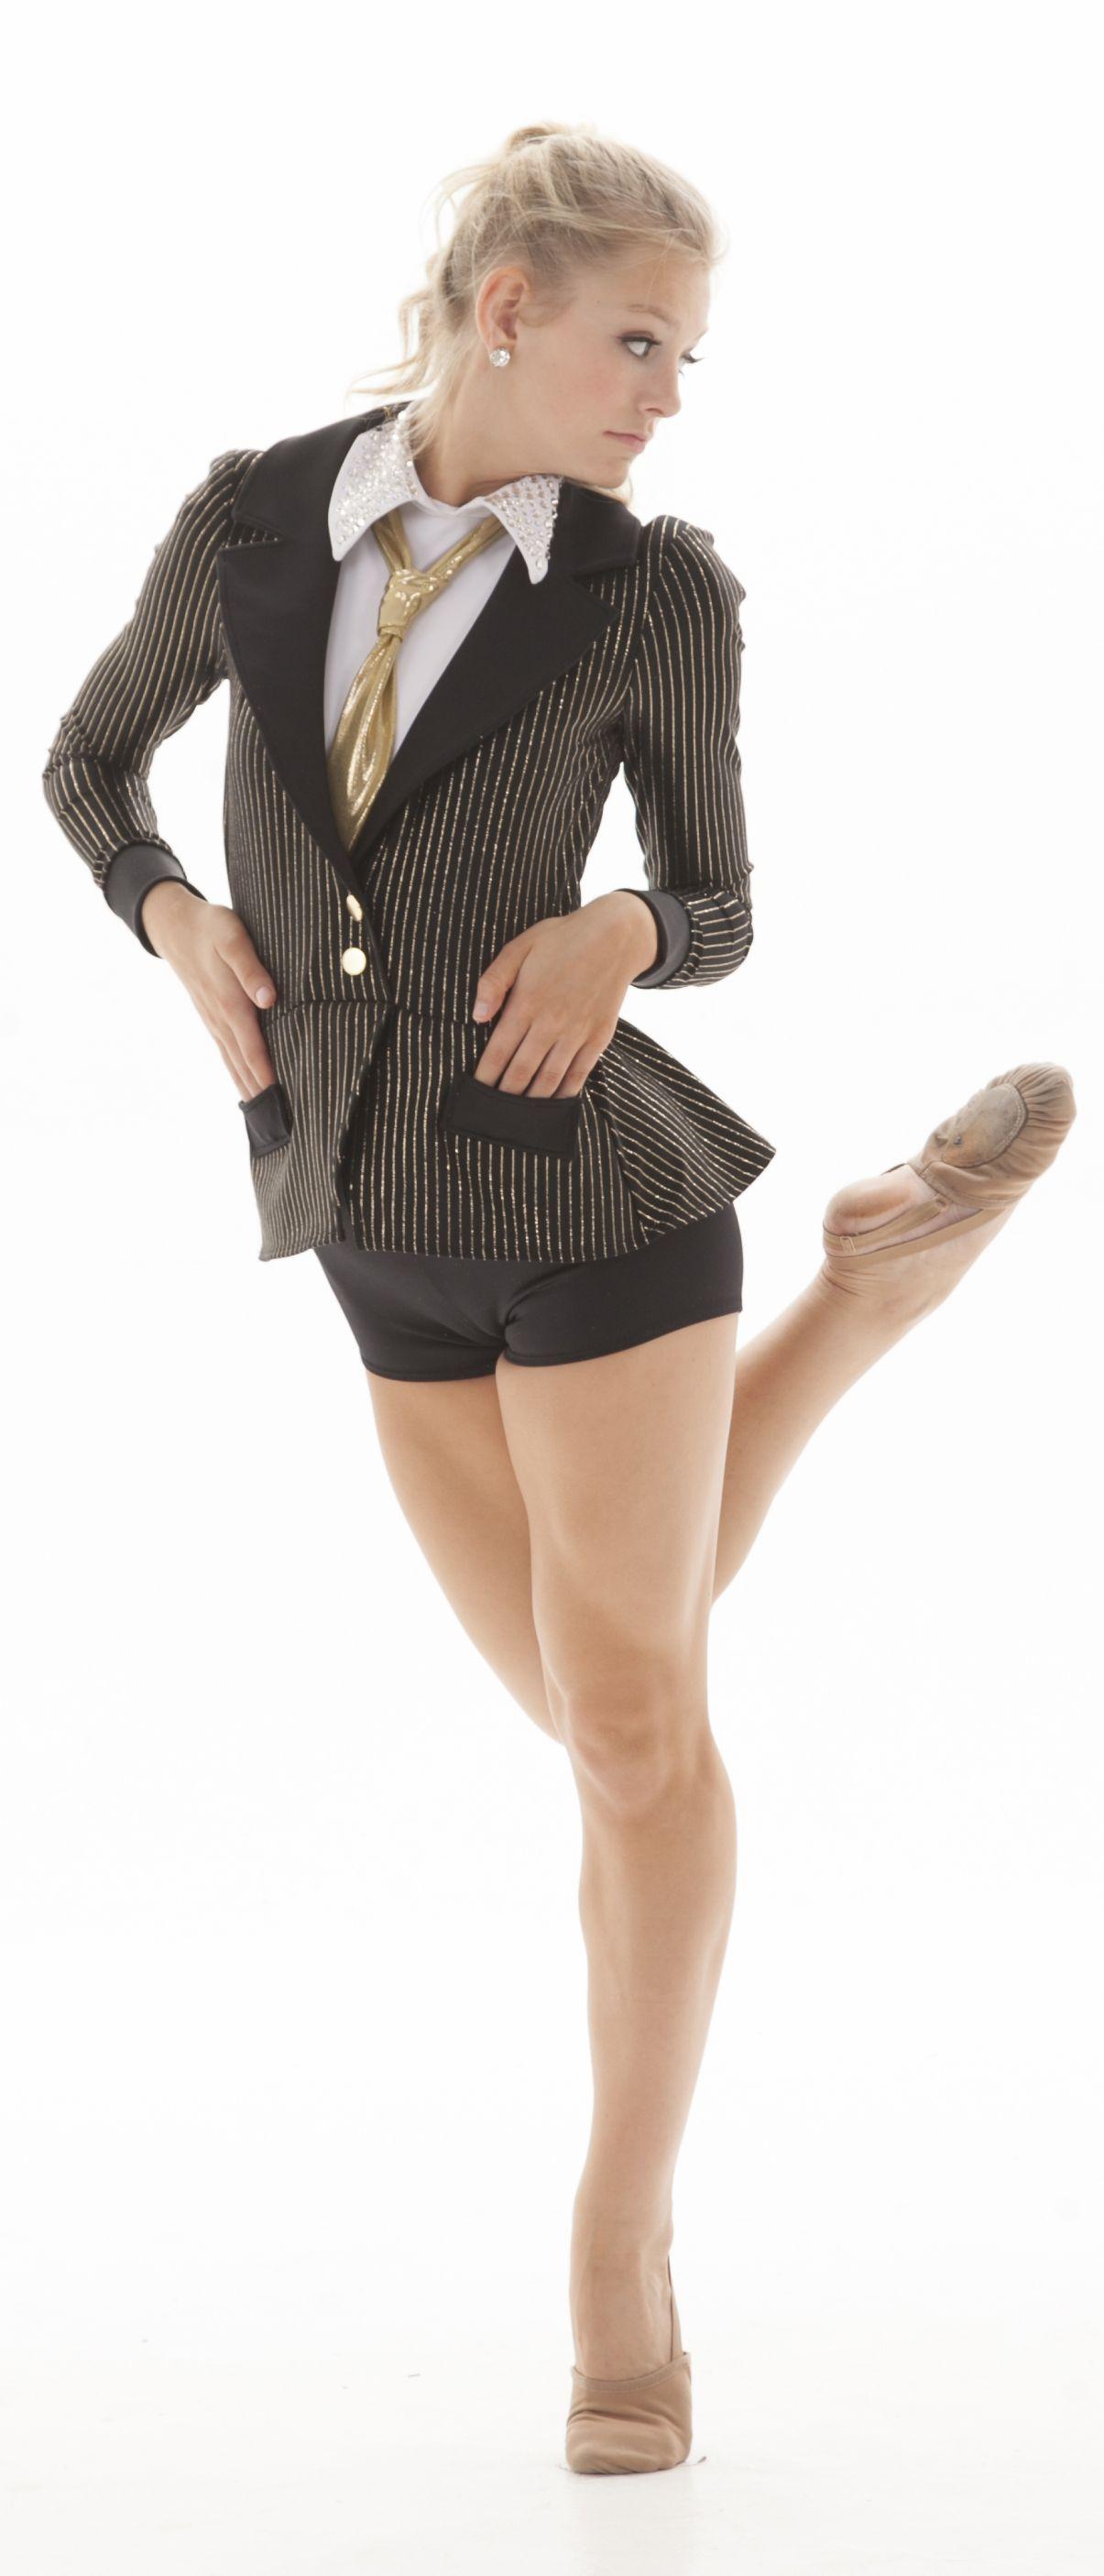 75493e14a Suit   Tie